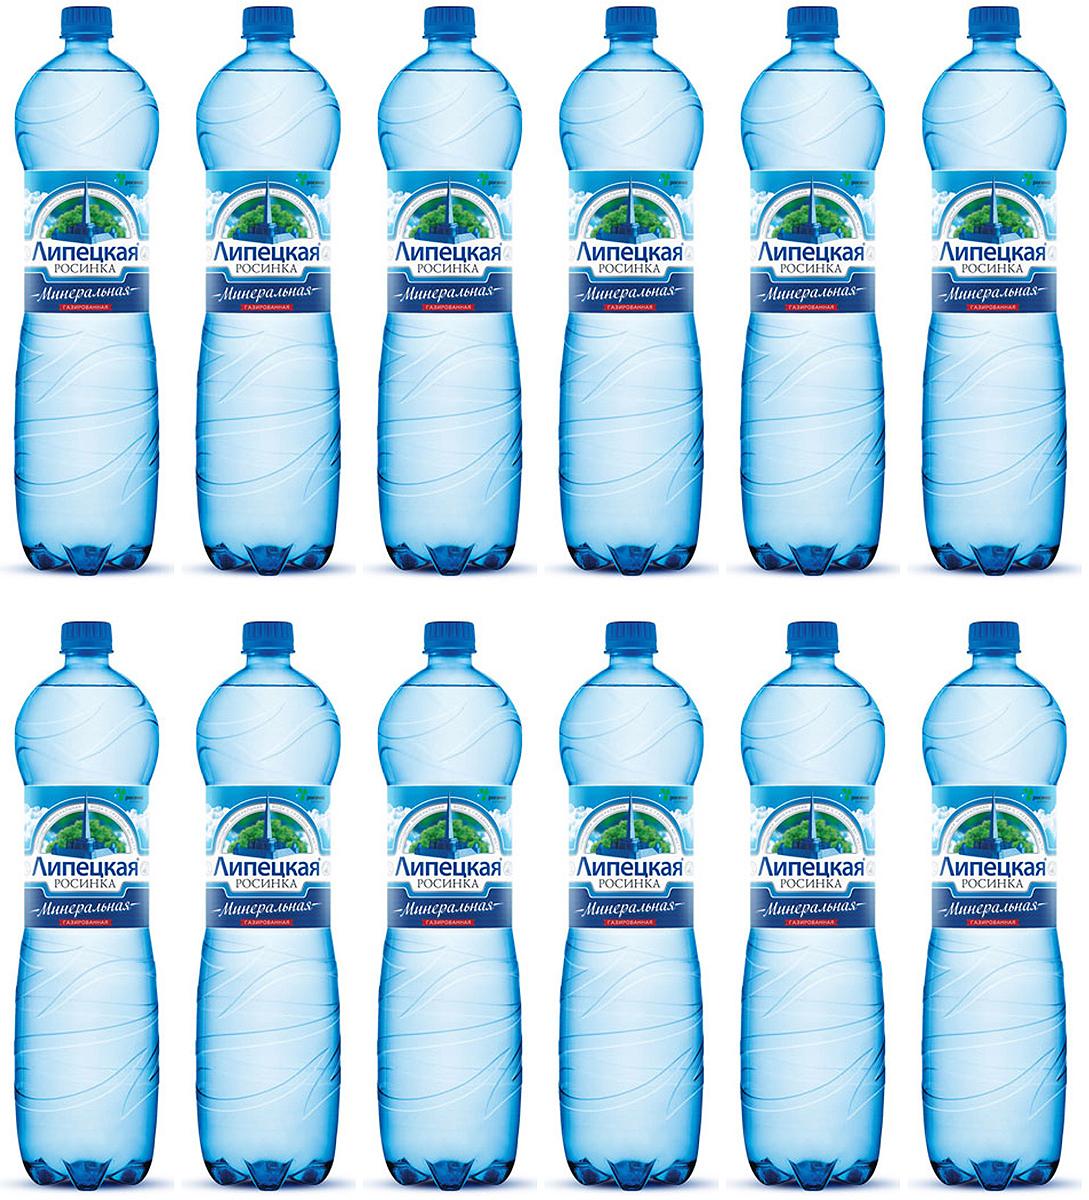 Липецкая Росинка вода газированная, 12 шт по 0,5 л дом в деревне недорого липецкая область